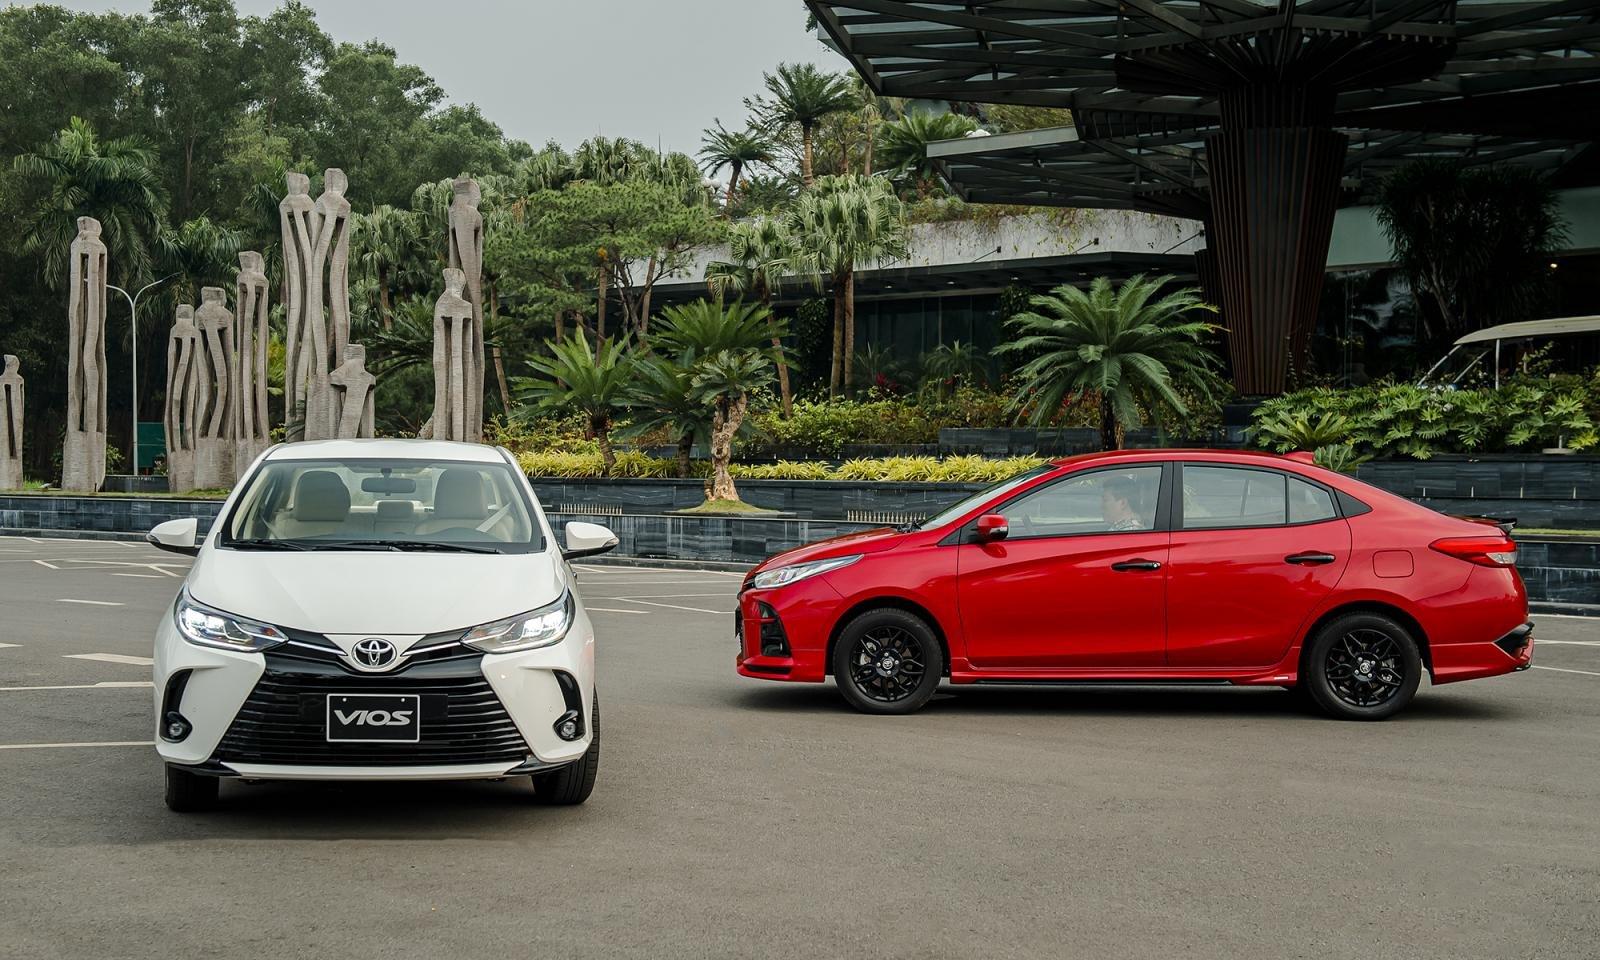 Thị trường ô tô Việt và những xu thế đảo chiều khó lường - Ảnh 1.